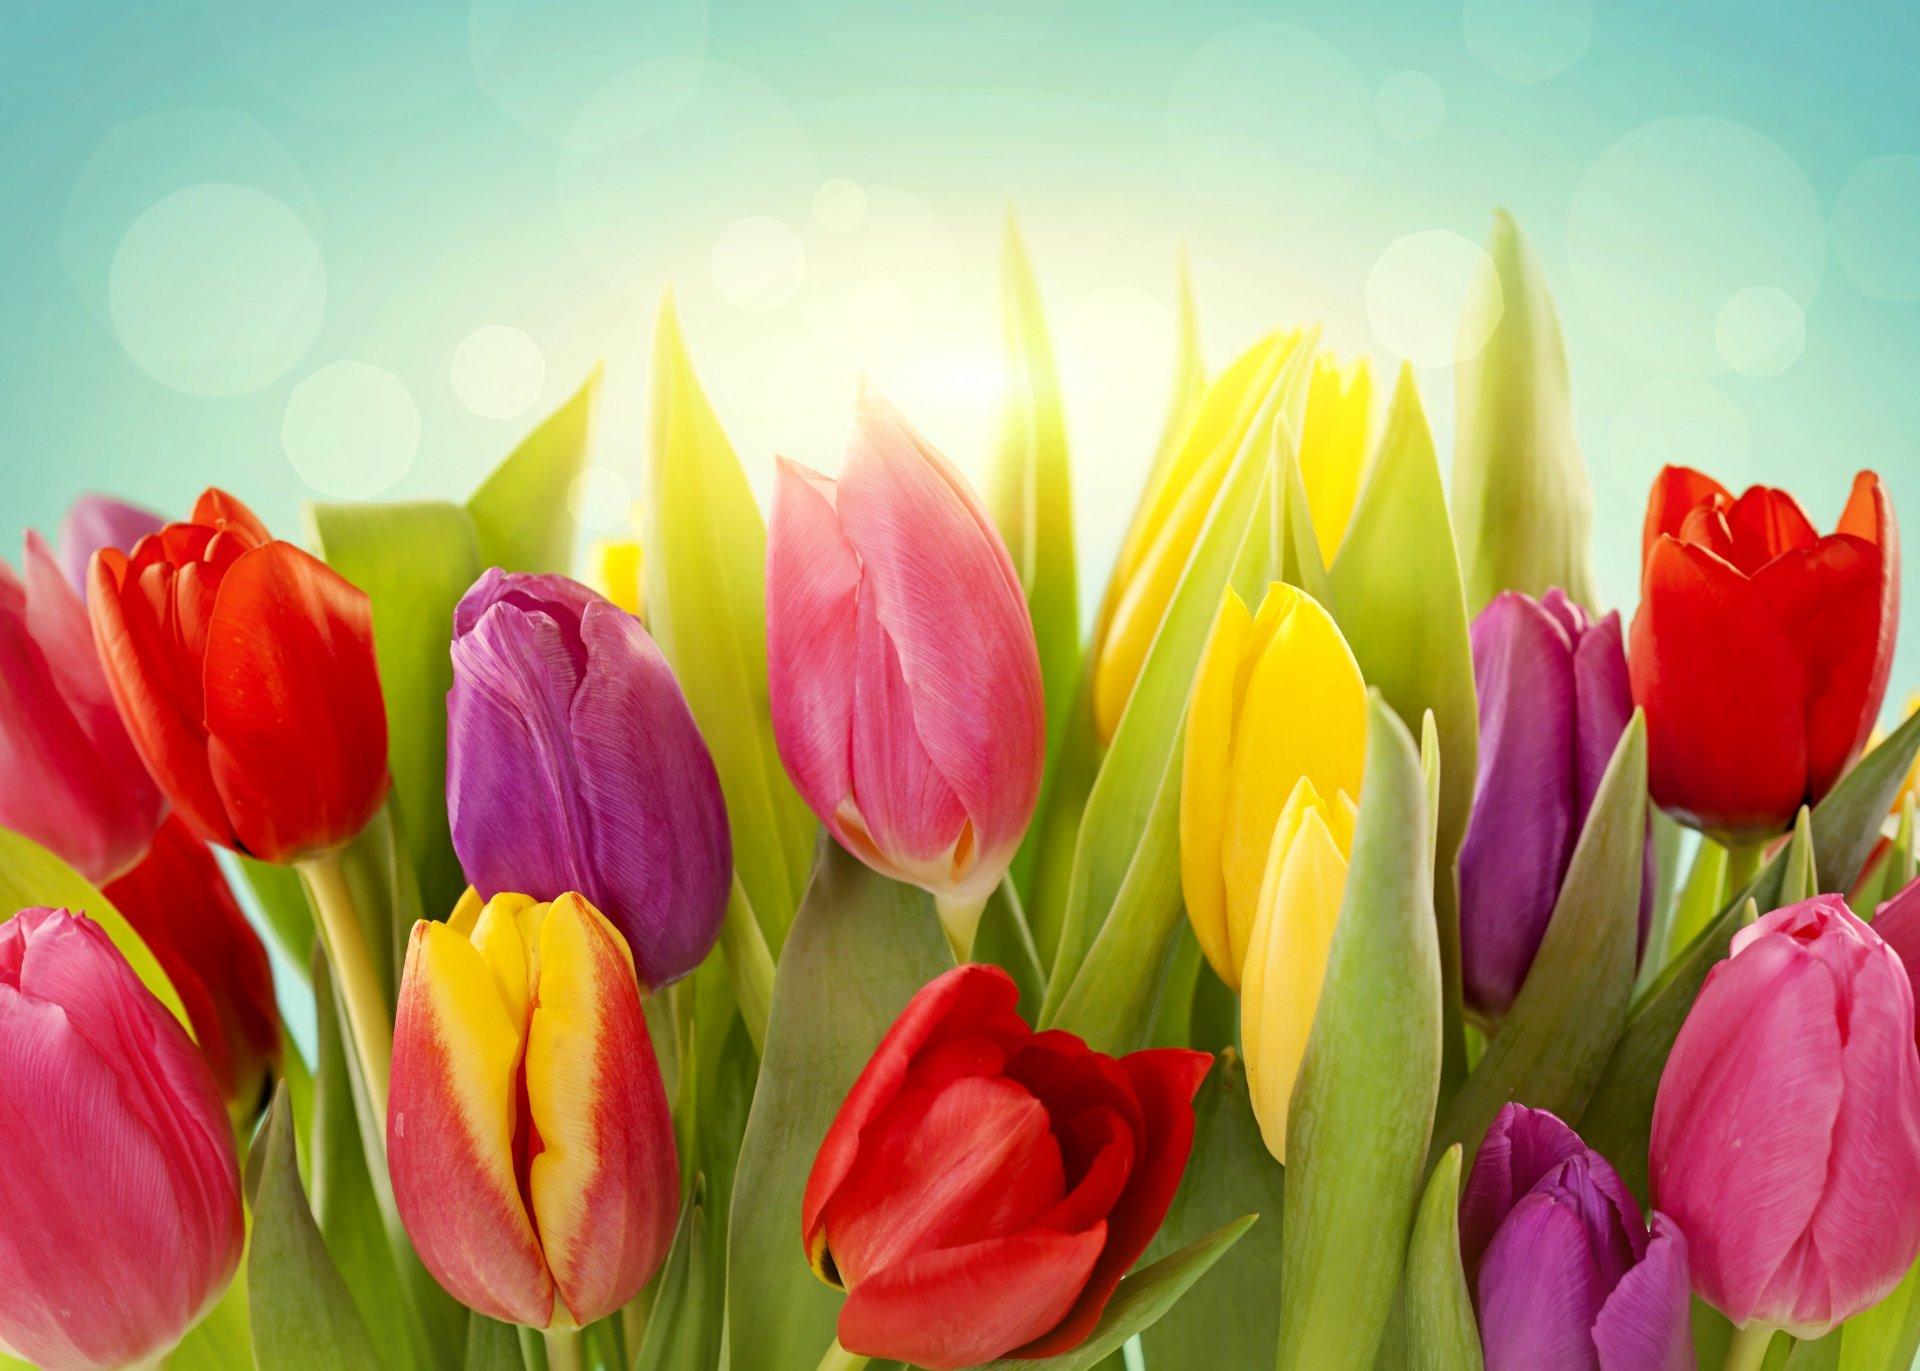 Тюльпаны цветы картинки красивые, программисту